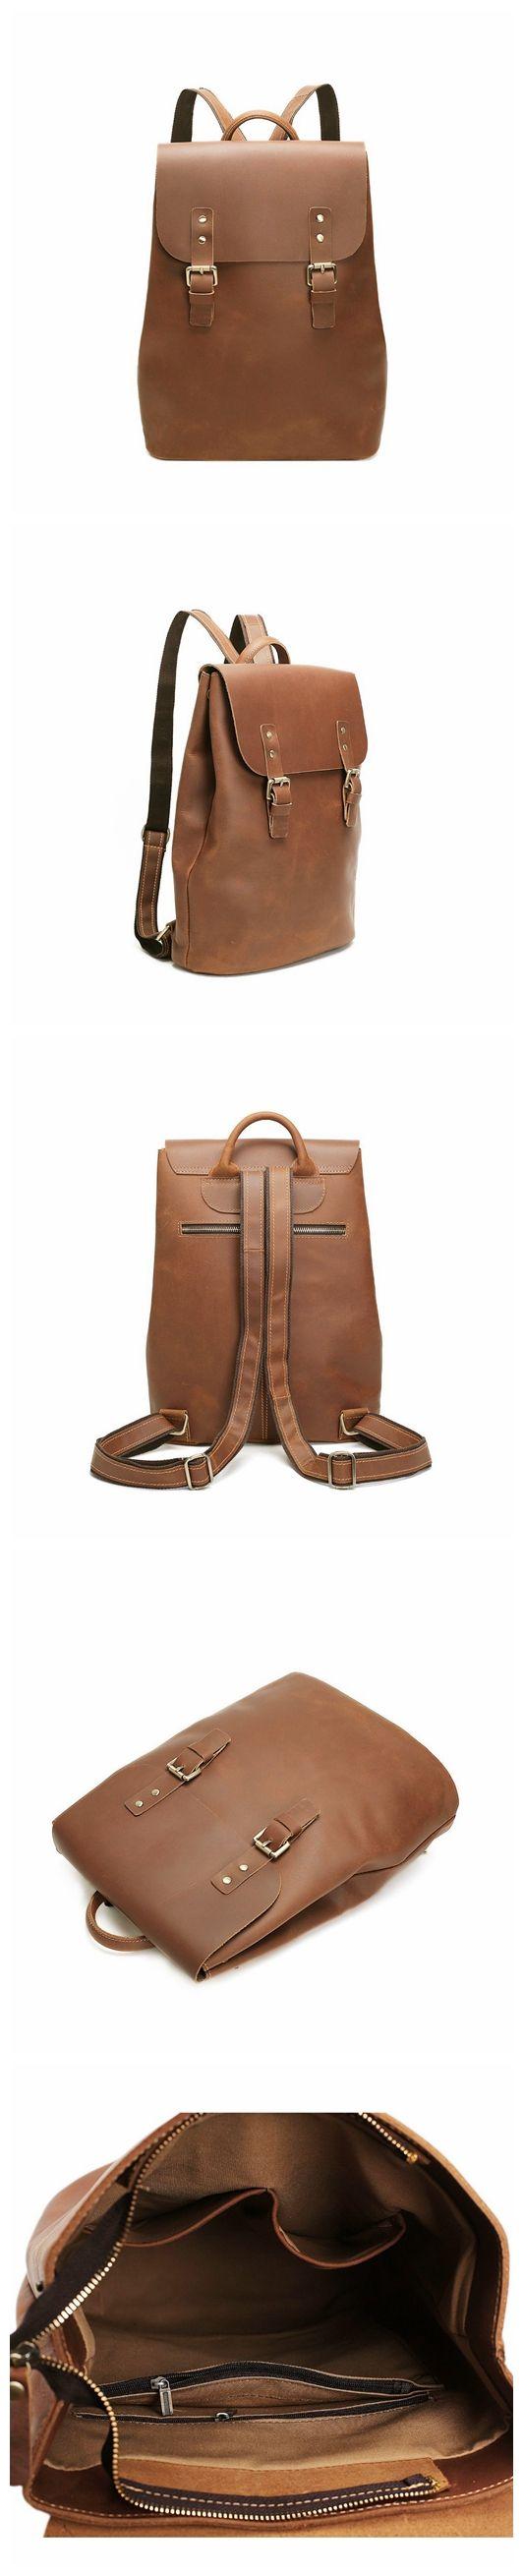 """ROCKCOW Vintage Style Crazy Horse Leather Backpack, Rucksack, Travel Backpack 8645 Model Number: 8645 Dimensions: 13""""L x 5.1""""W x 15.3""""H / 33cm(L) x 13cm(W) x 39cm(H) Weight: 3.9lb / 1.8kg Hardware: Br"""